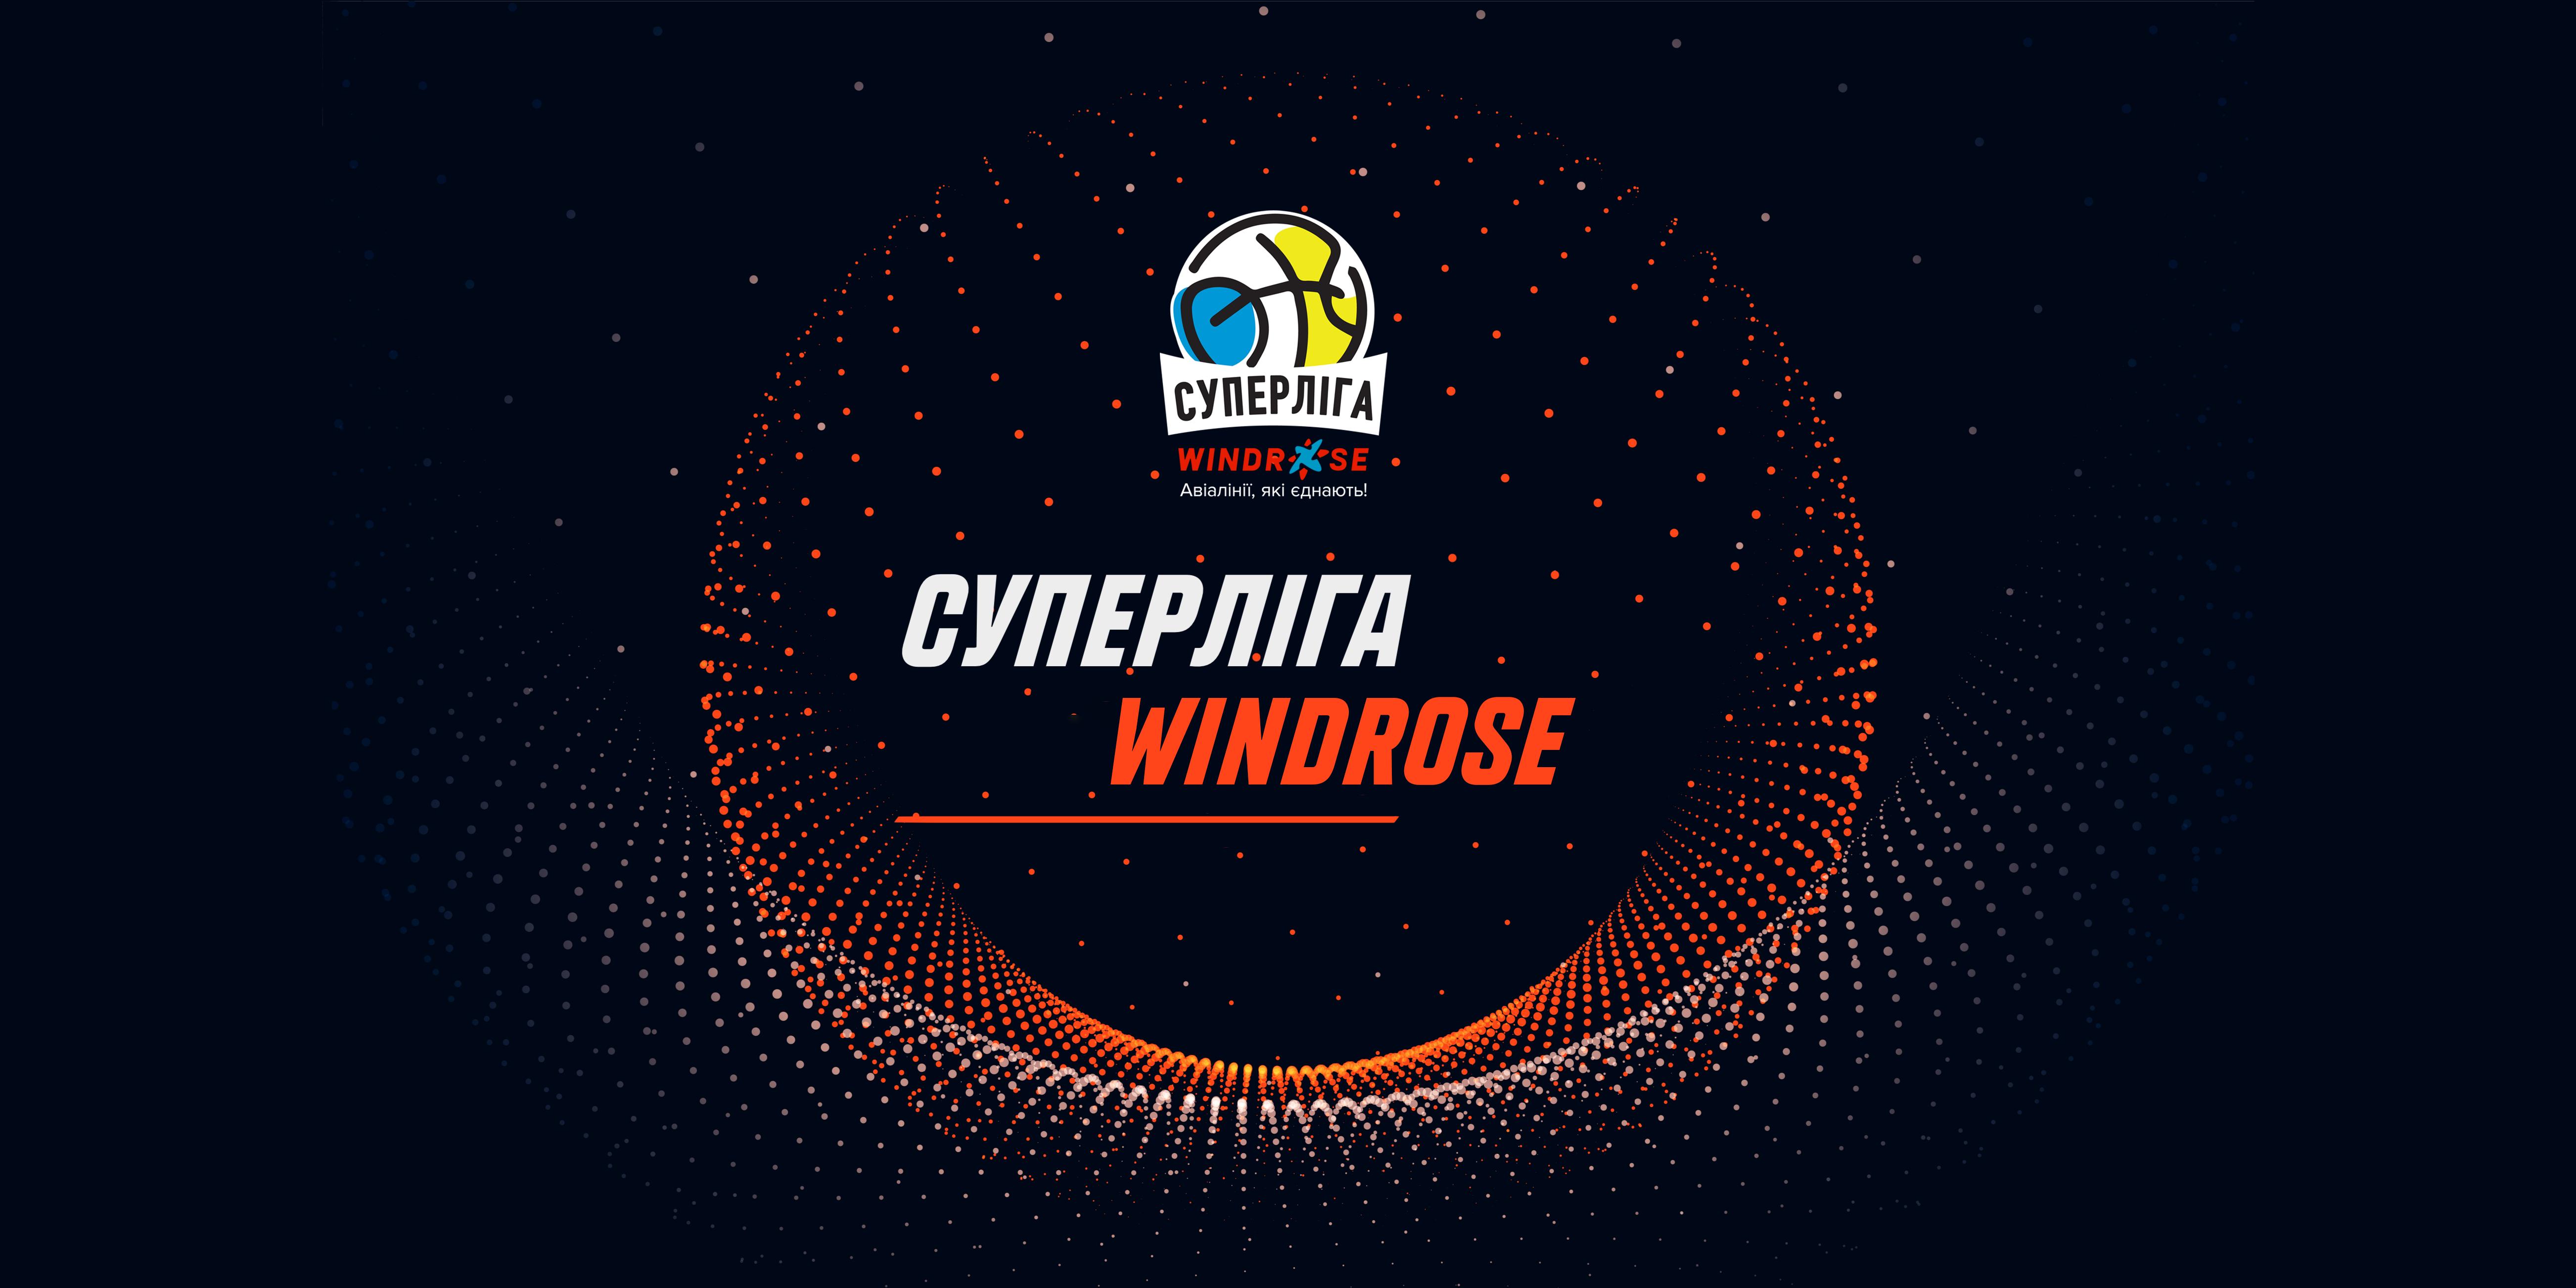 Суперліга Windrose: онлайн відеотрансляція 30 вересня